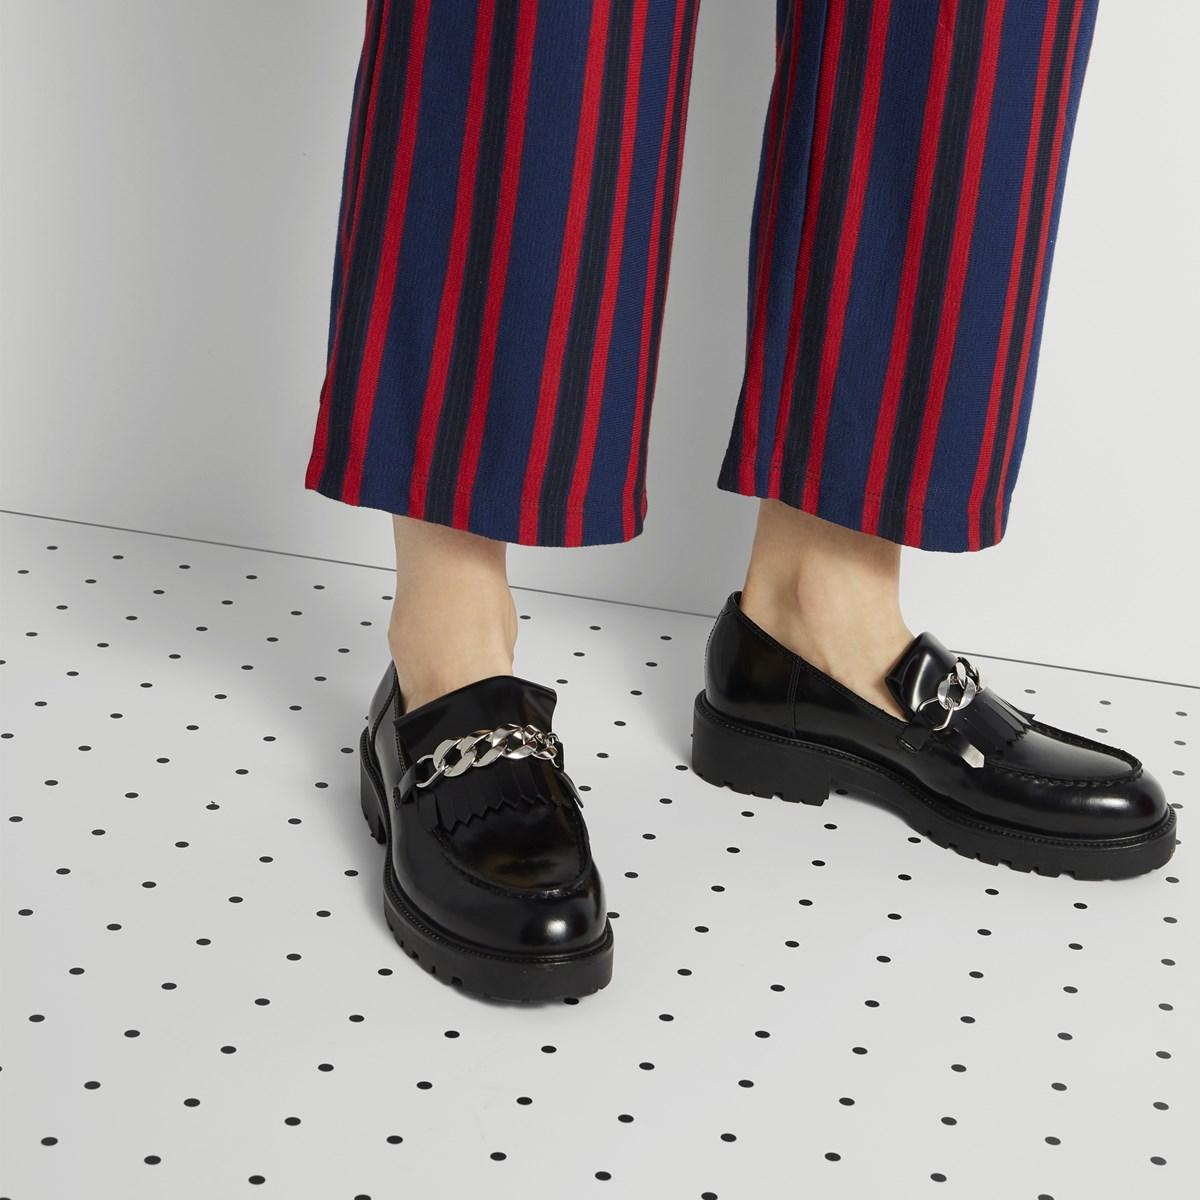 Women's Kenova Loafers in Black